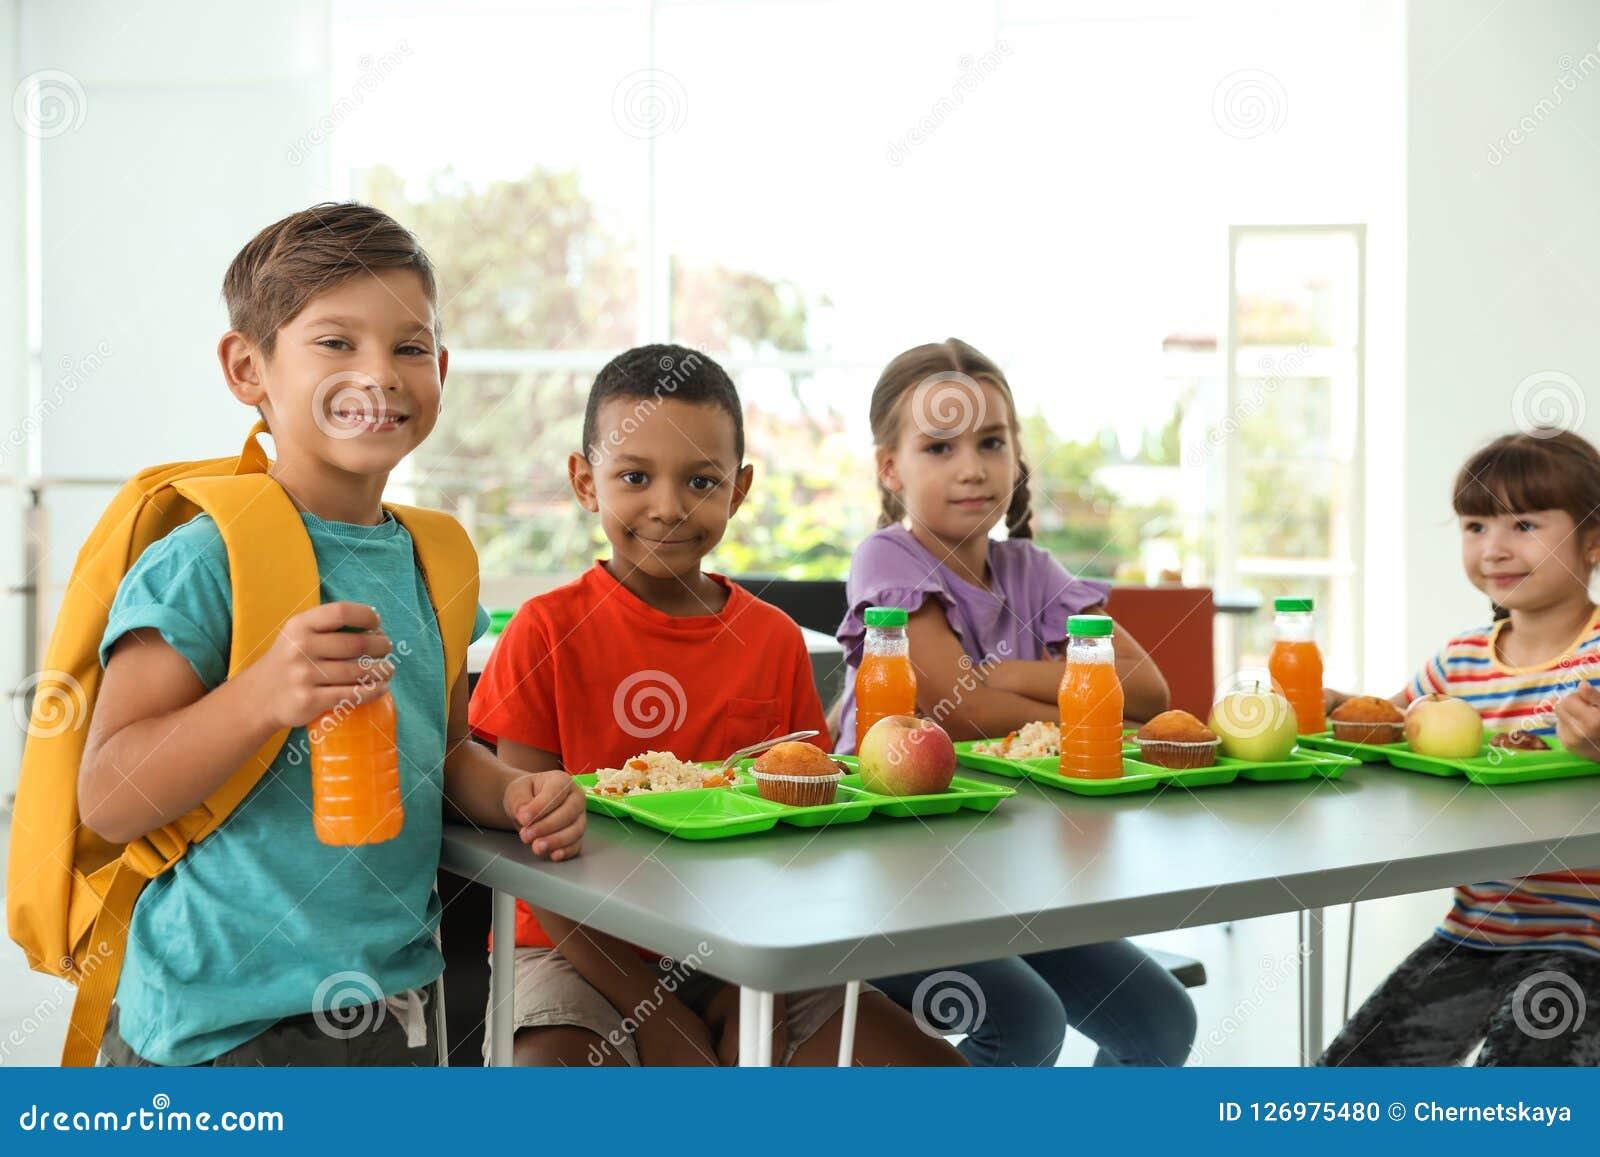 Kinder, die bei Tisch sitzen und gesundes Lebensmittel essen